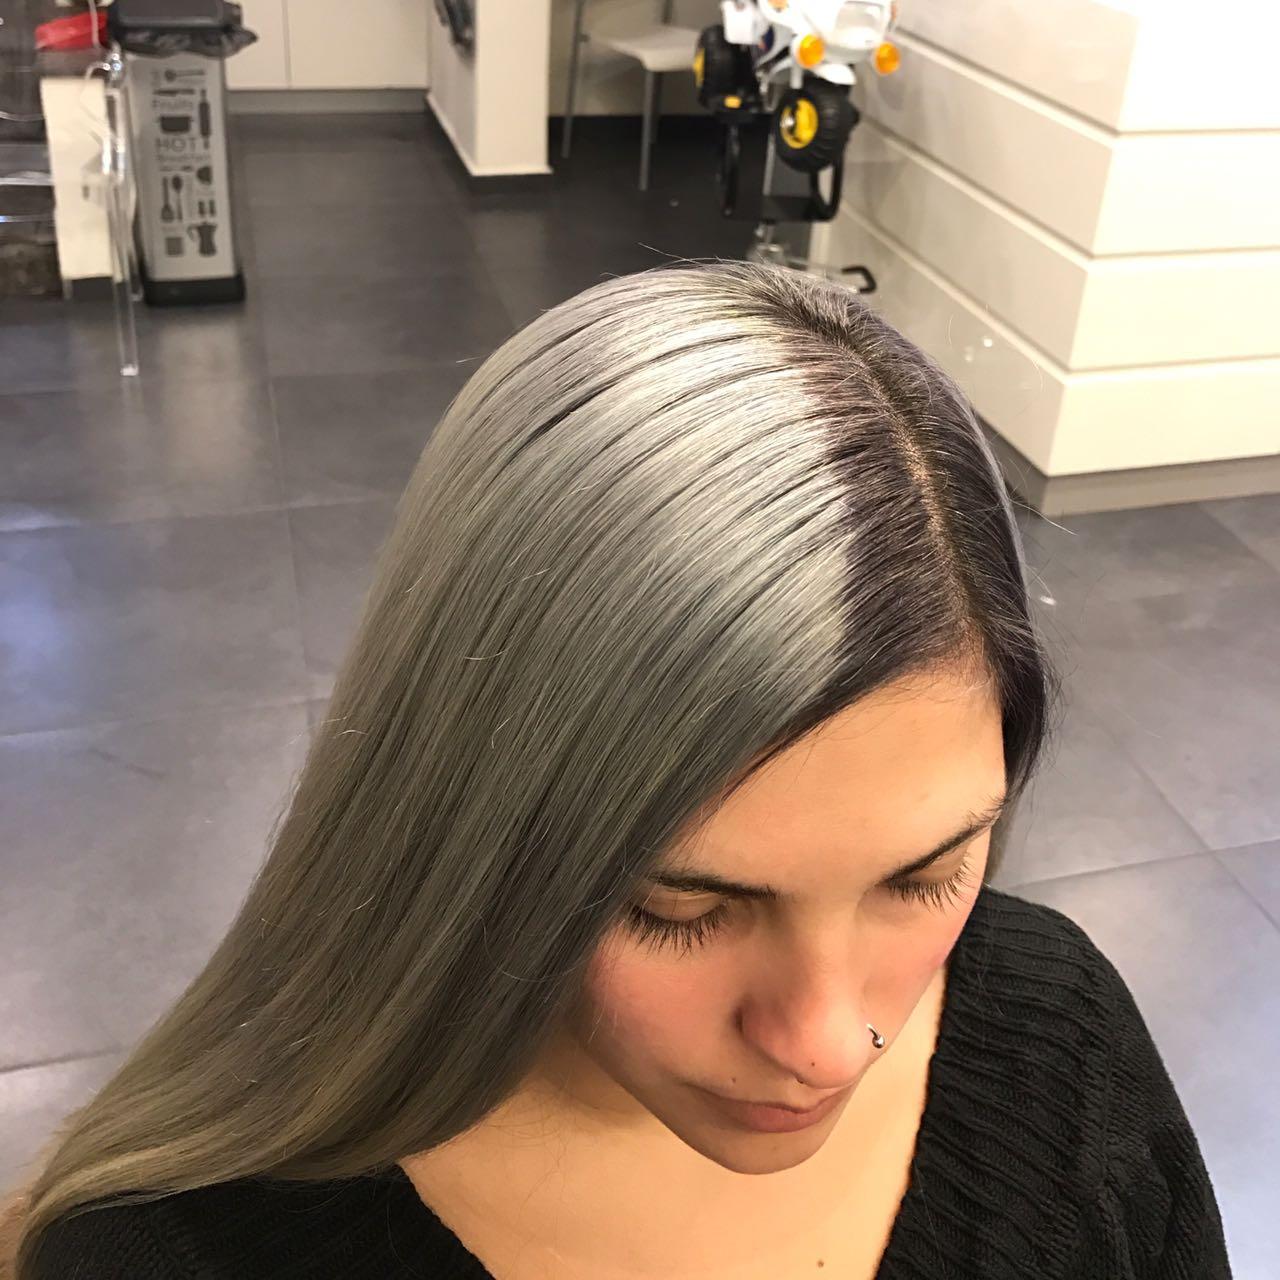 סייון מדמוני קוסמת הצבע לשיער התקשרו לסיוון: 04-8112211/0